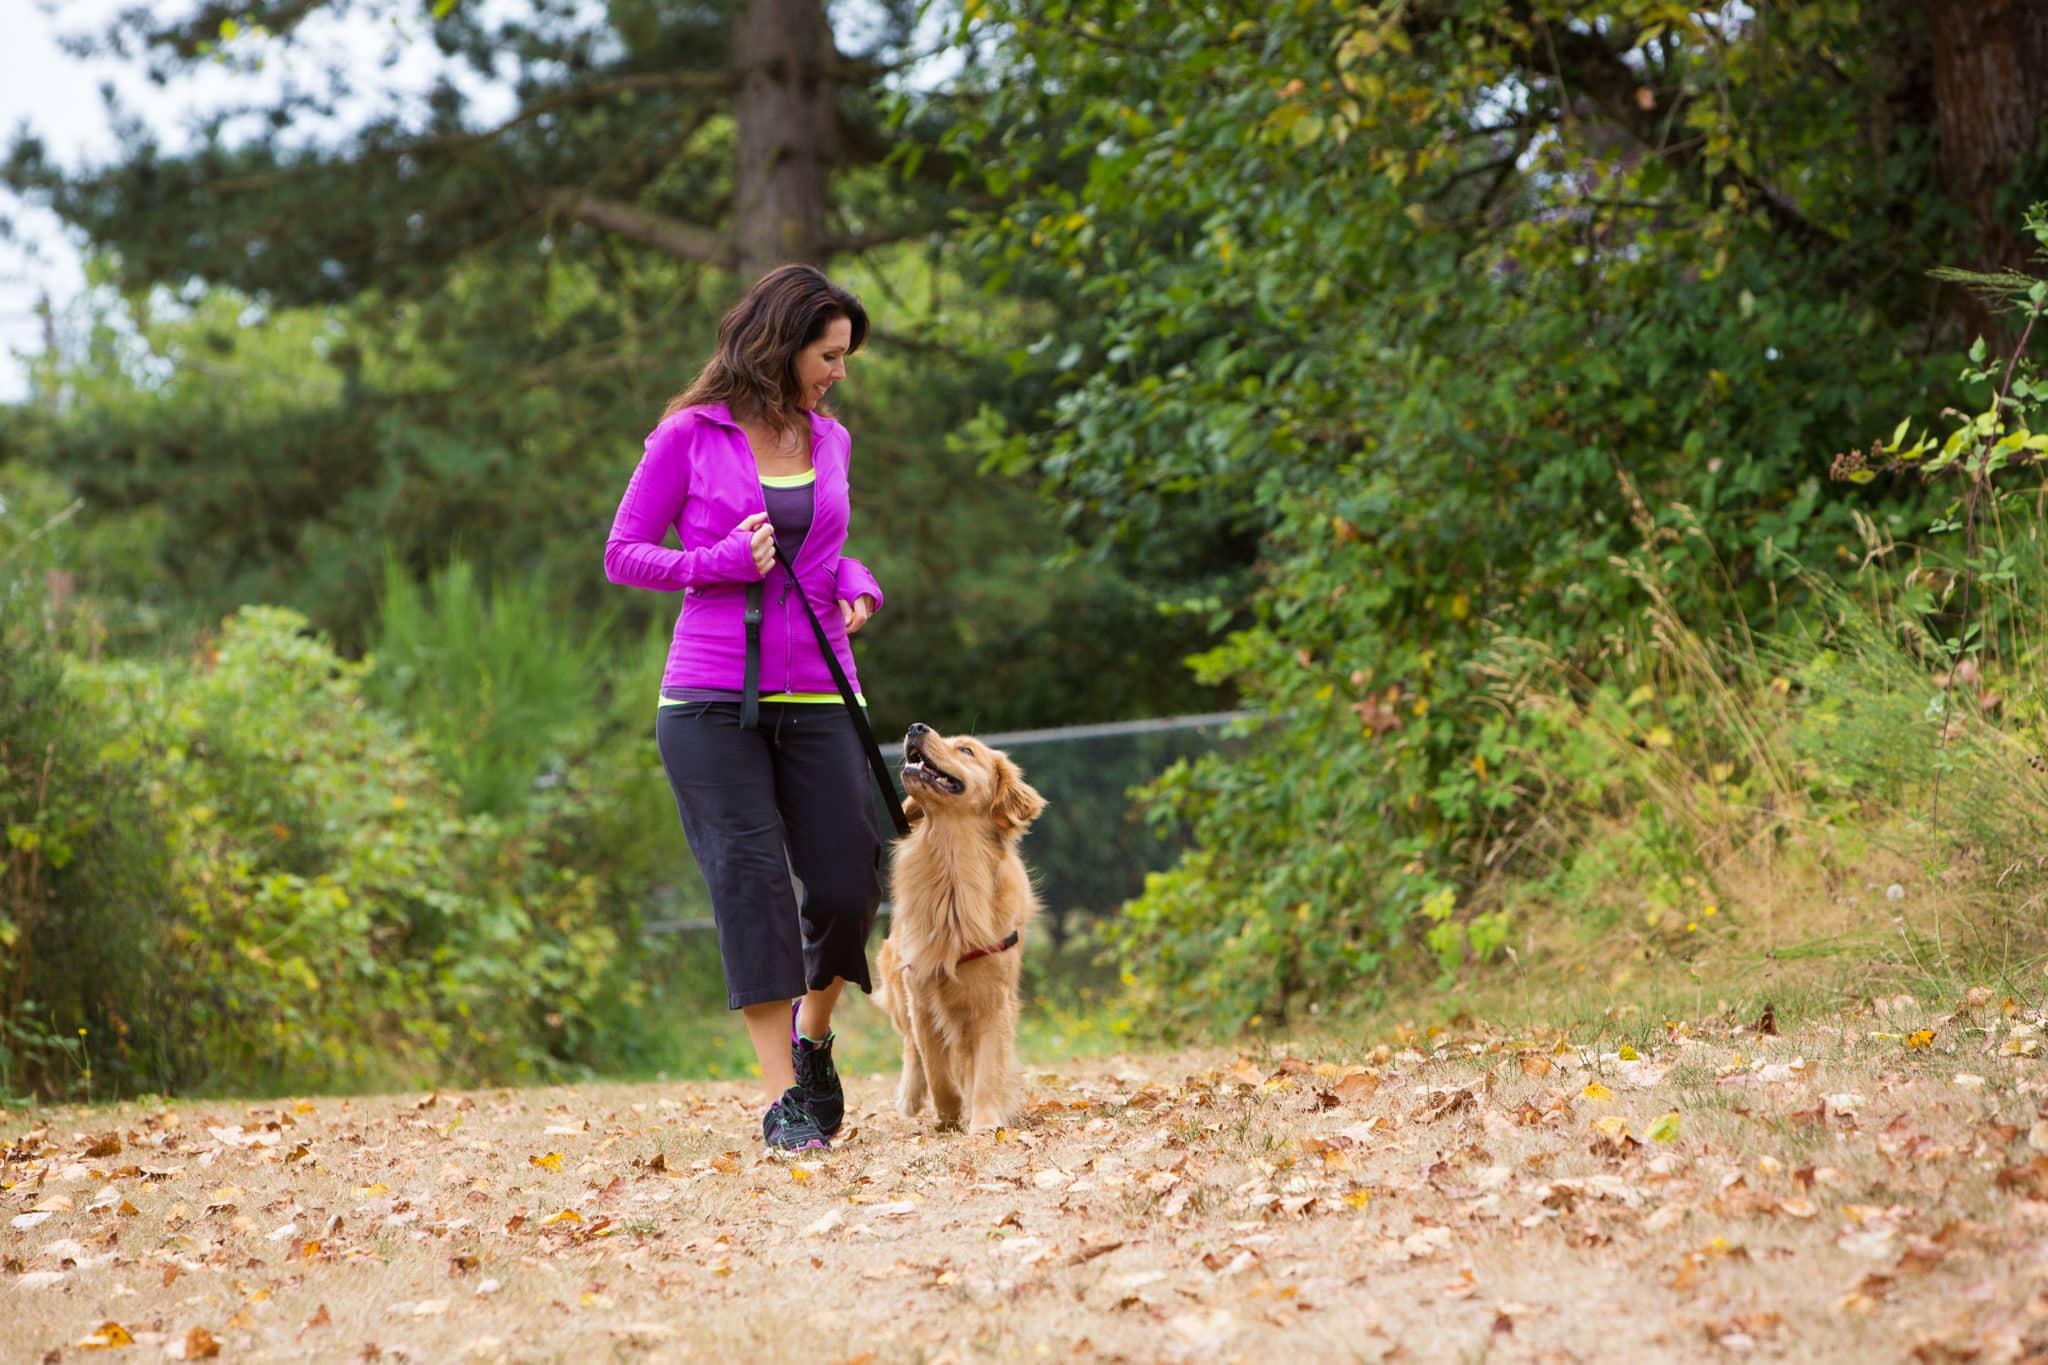 Woman in purple zip up walking dog on trail outside